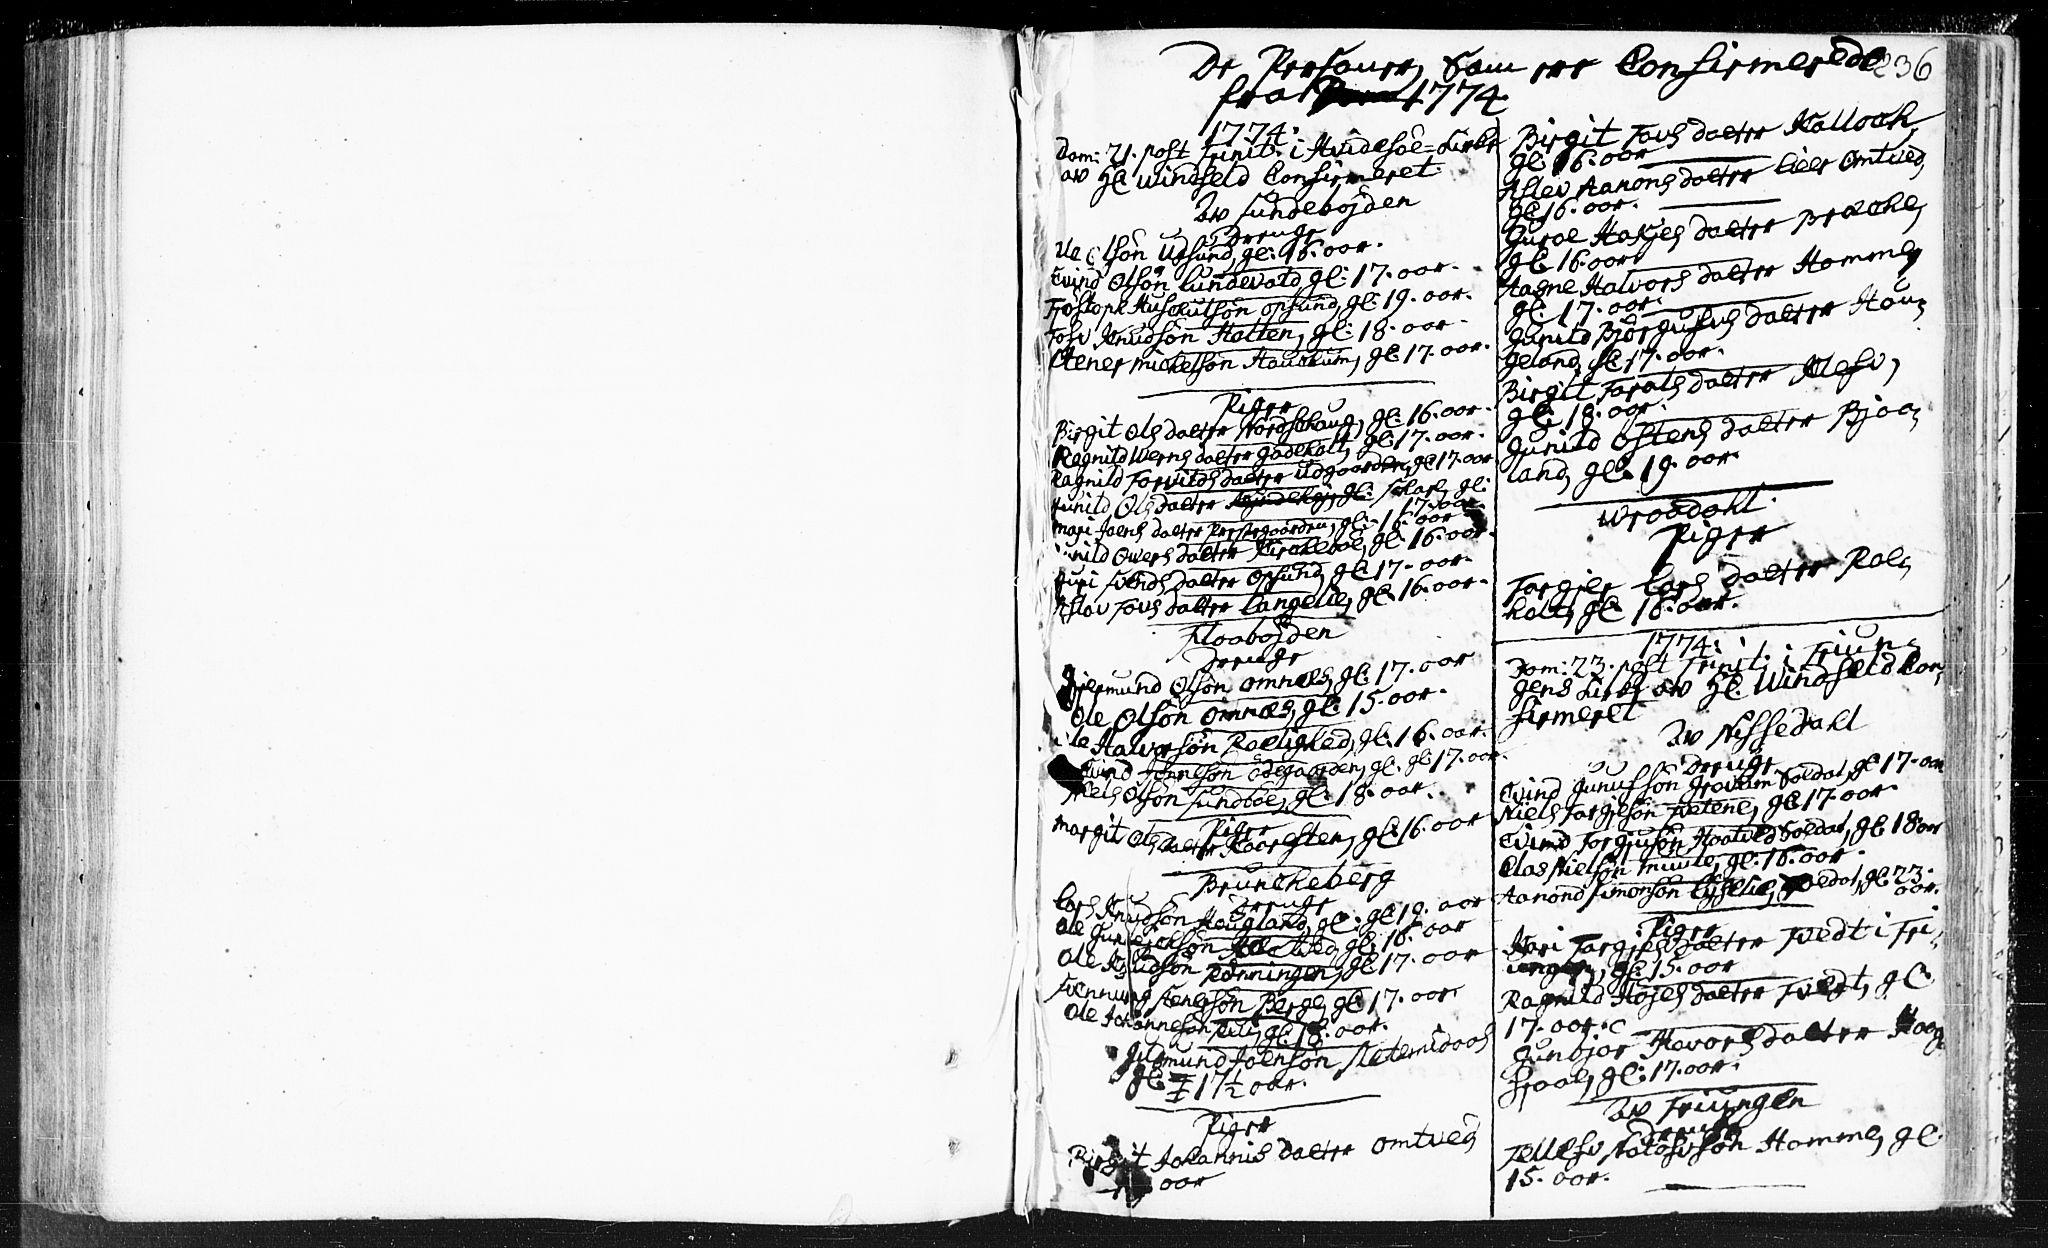 SAKO, Kviteseid kirkebøker, F/Fa/L0002: Ministerialbok nr. I 2, 1773-1786, s. 236